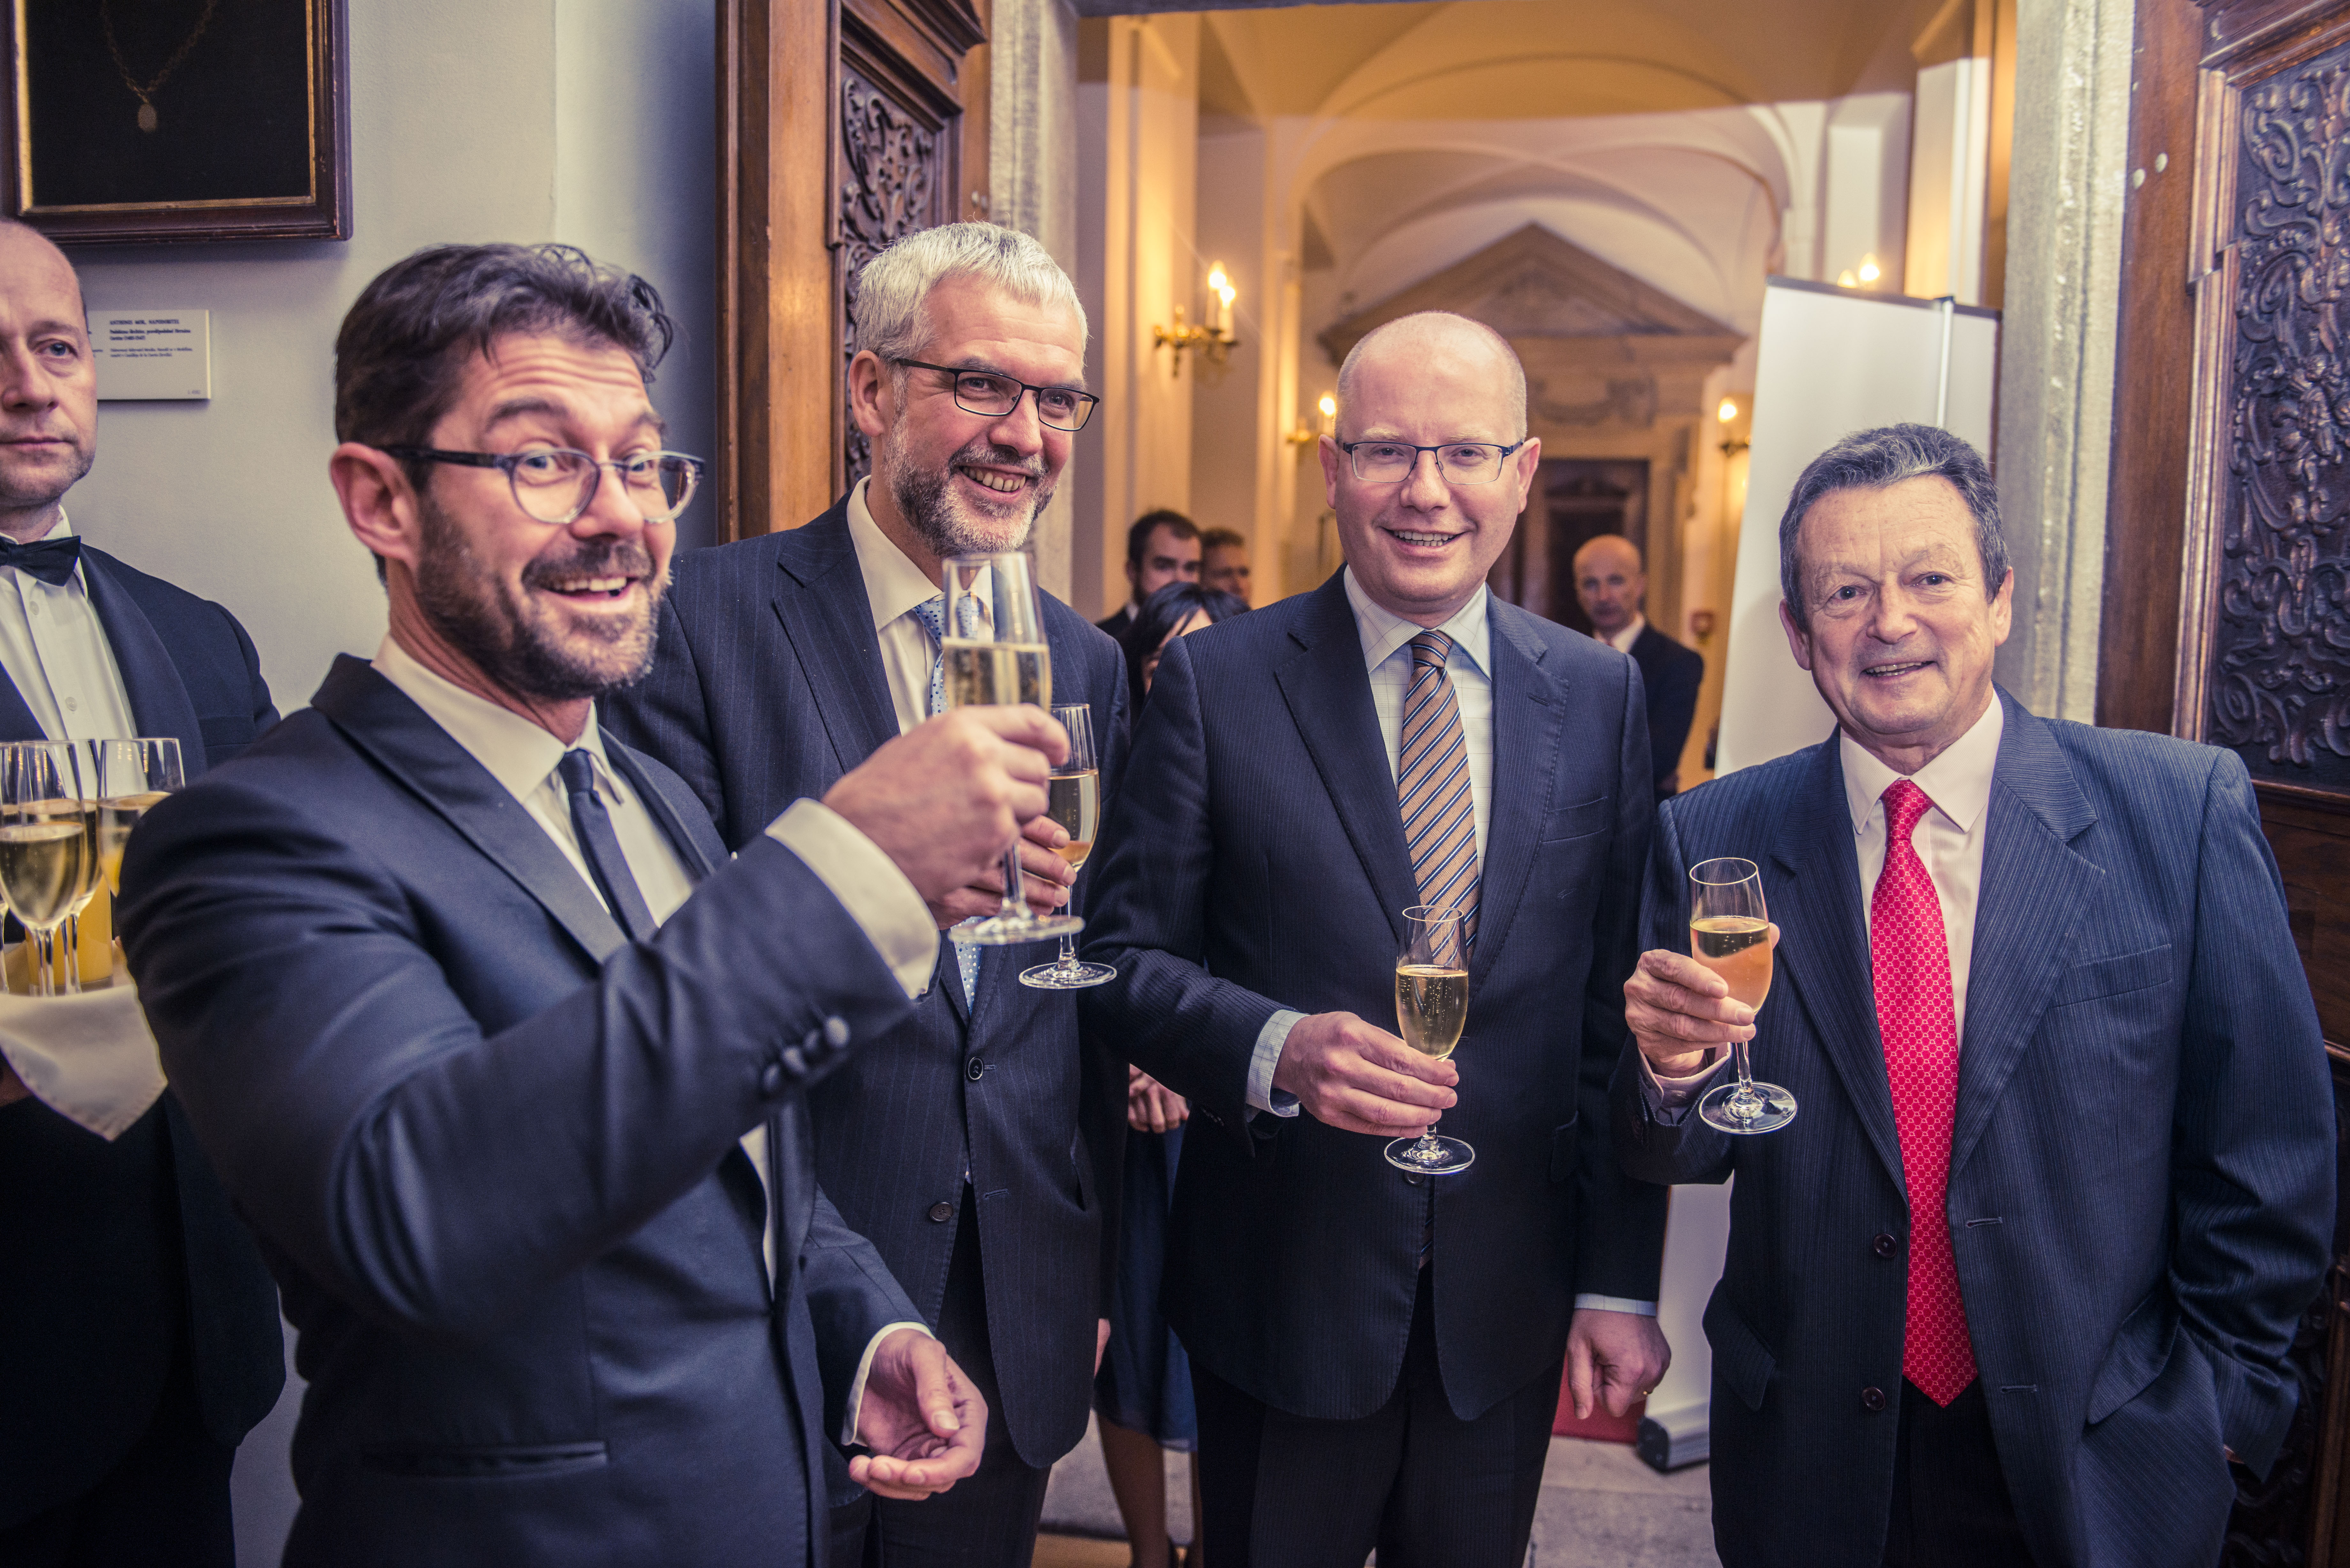 Petr Šimůnek, šéfredaktor Forbesu, Jiří Schneider, Aspen Institute Prague, Bohuslav Sobotka, předseda vlády ČR, Ivan Hodáč, Aspen Institute Prague.